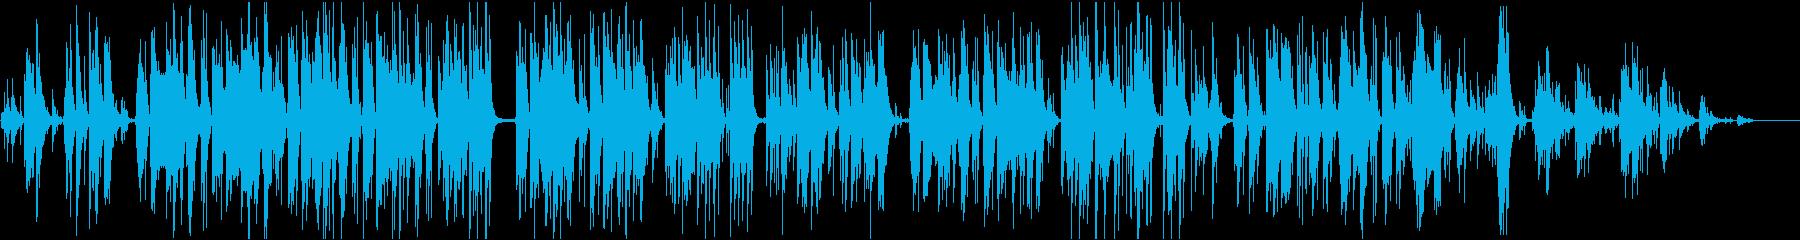 圏内の歌の再生済みの波形